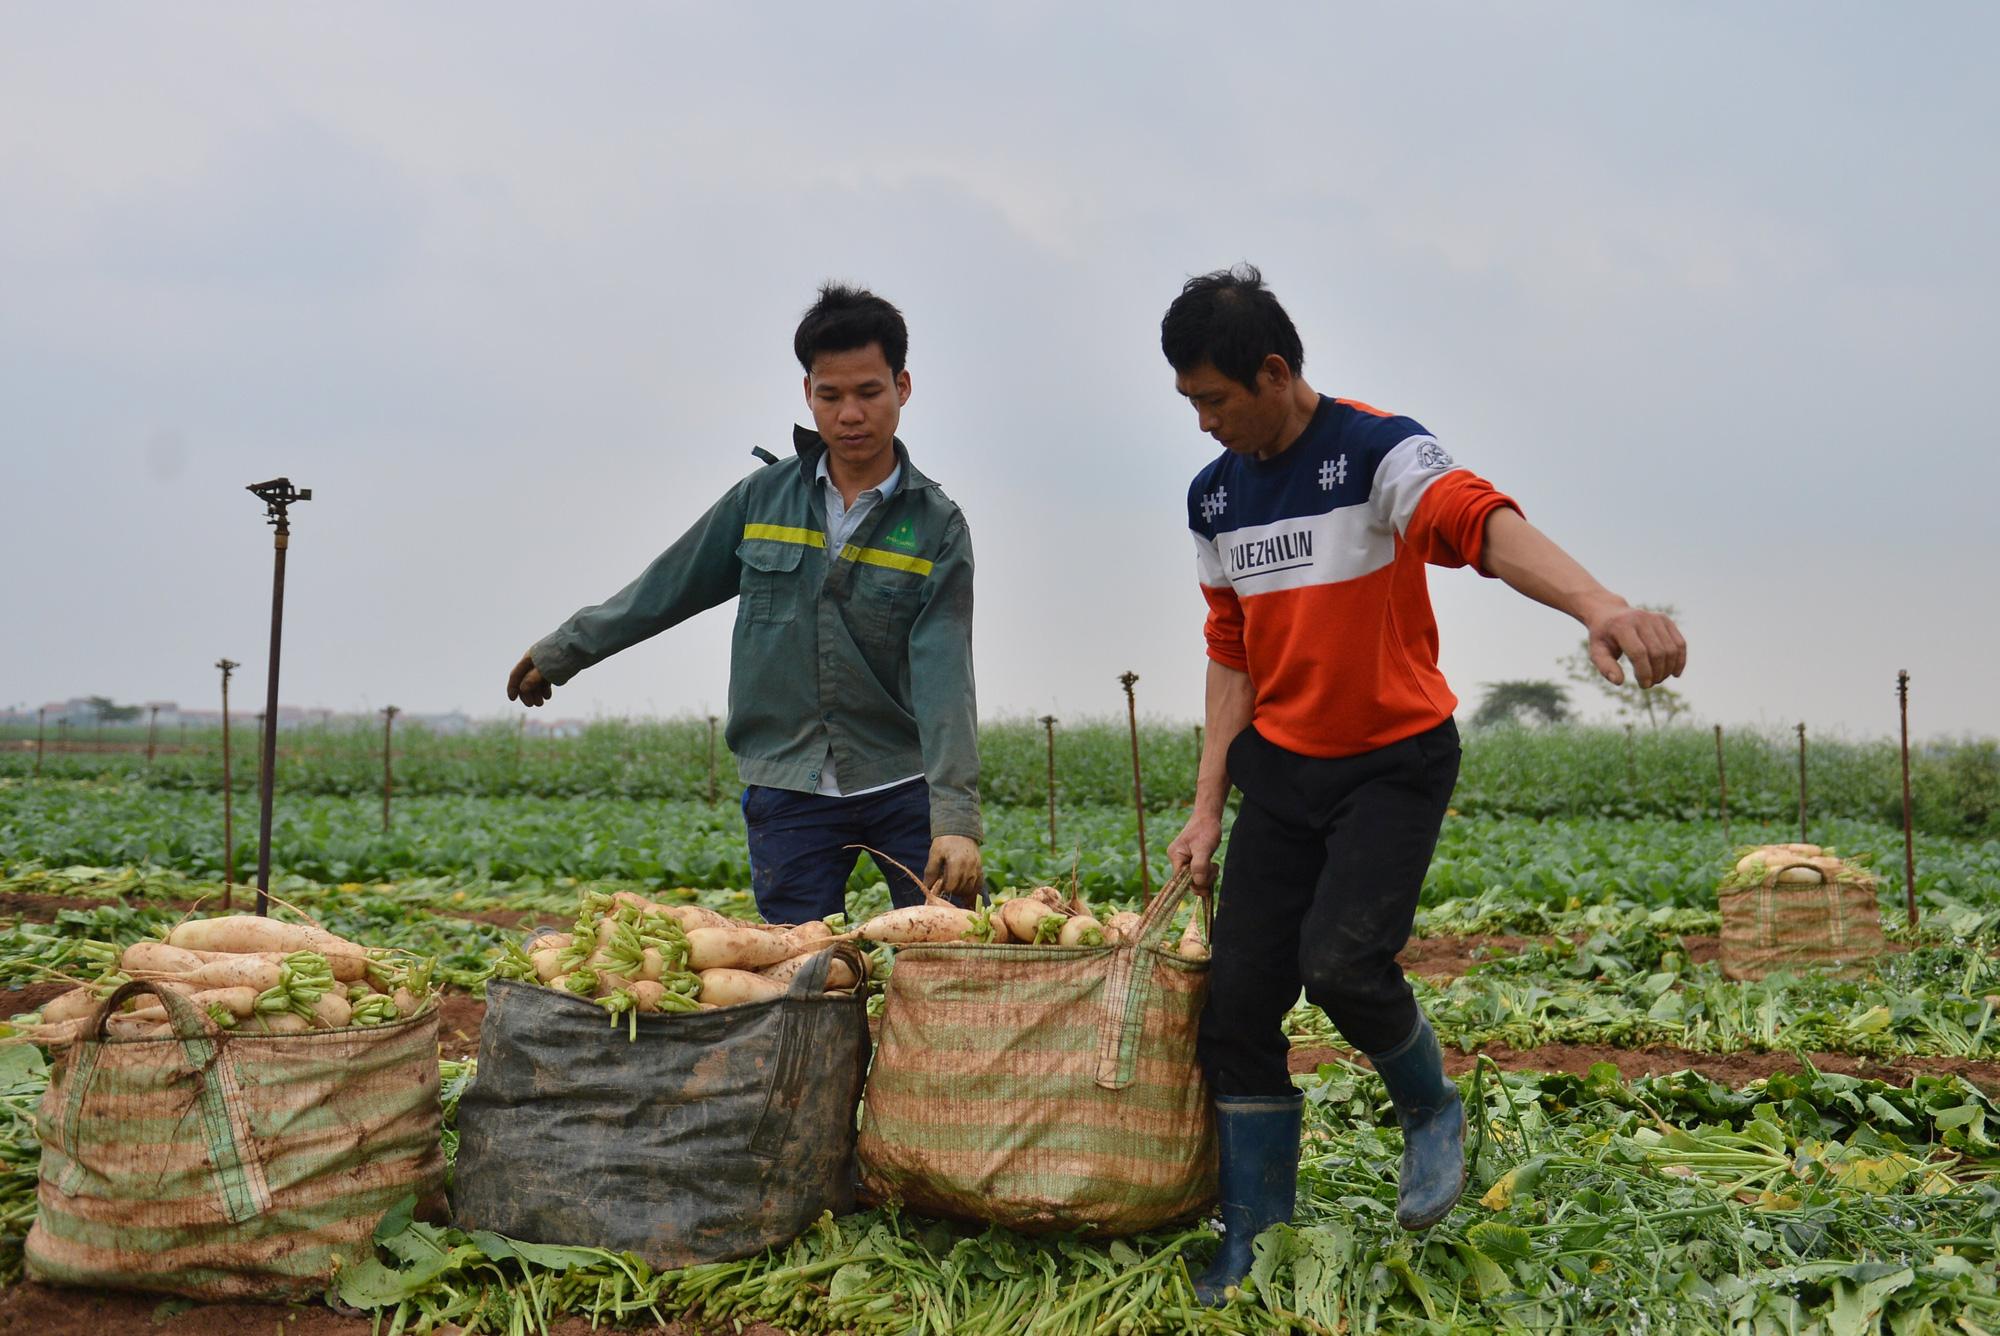 Sau Hải Dương, hàng trăm tấn củ cải ở Hà Nội rớt giá, người dân phải nhổ bỏ vì bán không ai mua - Ảnh 10.